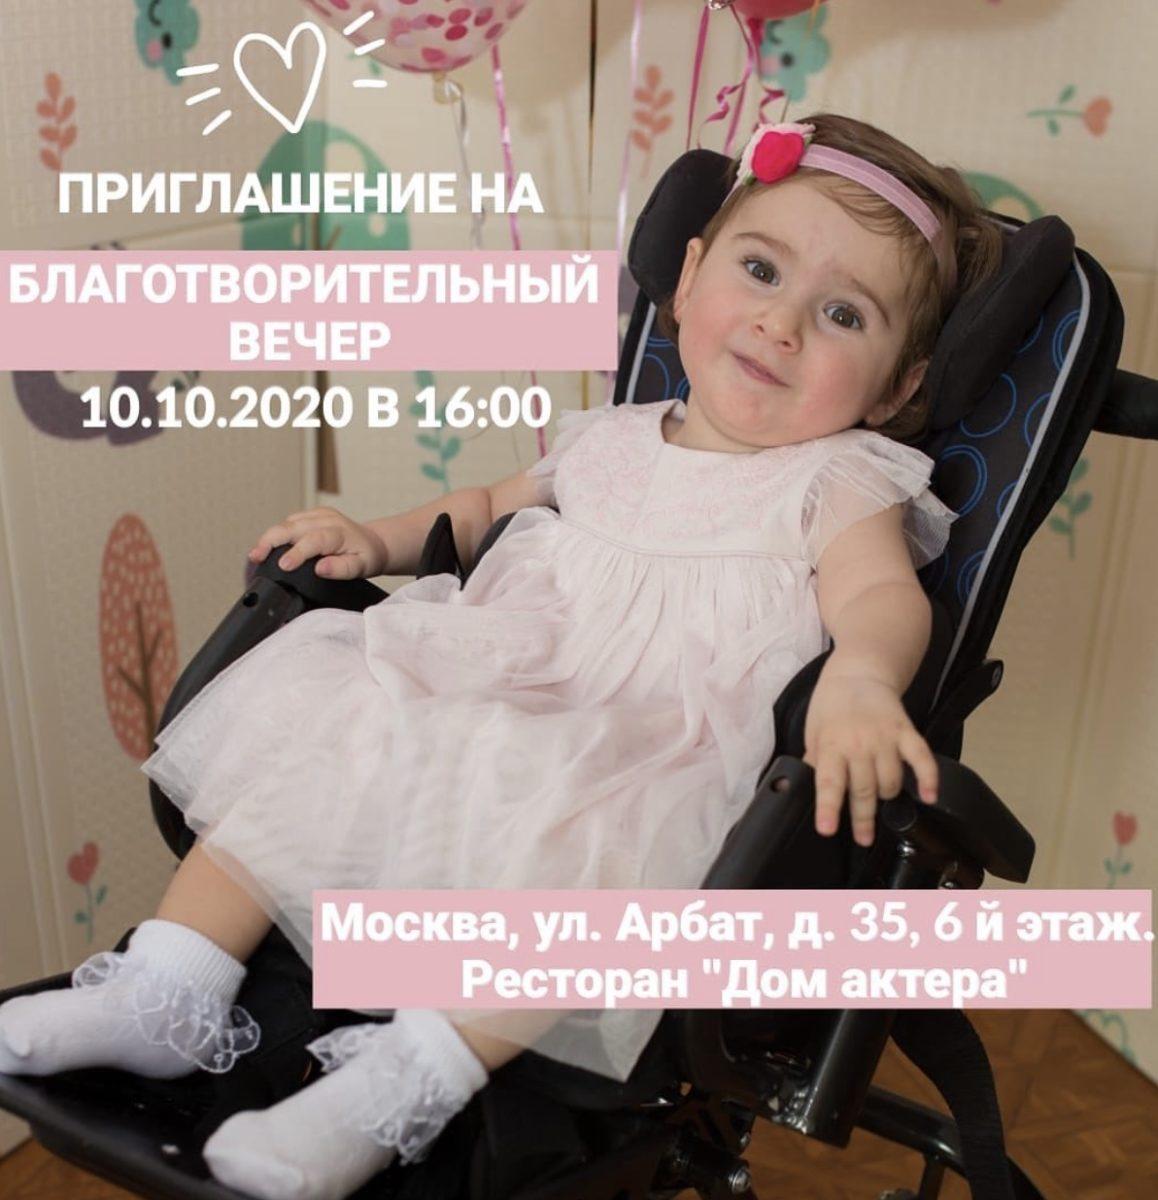 В столице Северной Осетии пройдет автопробег в поддержку Зарины Бадоевой